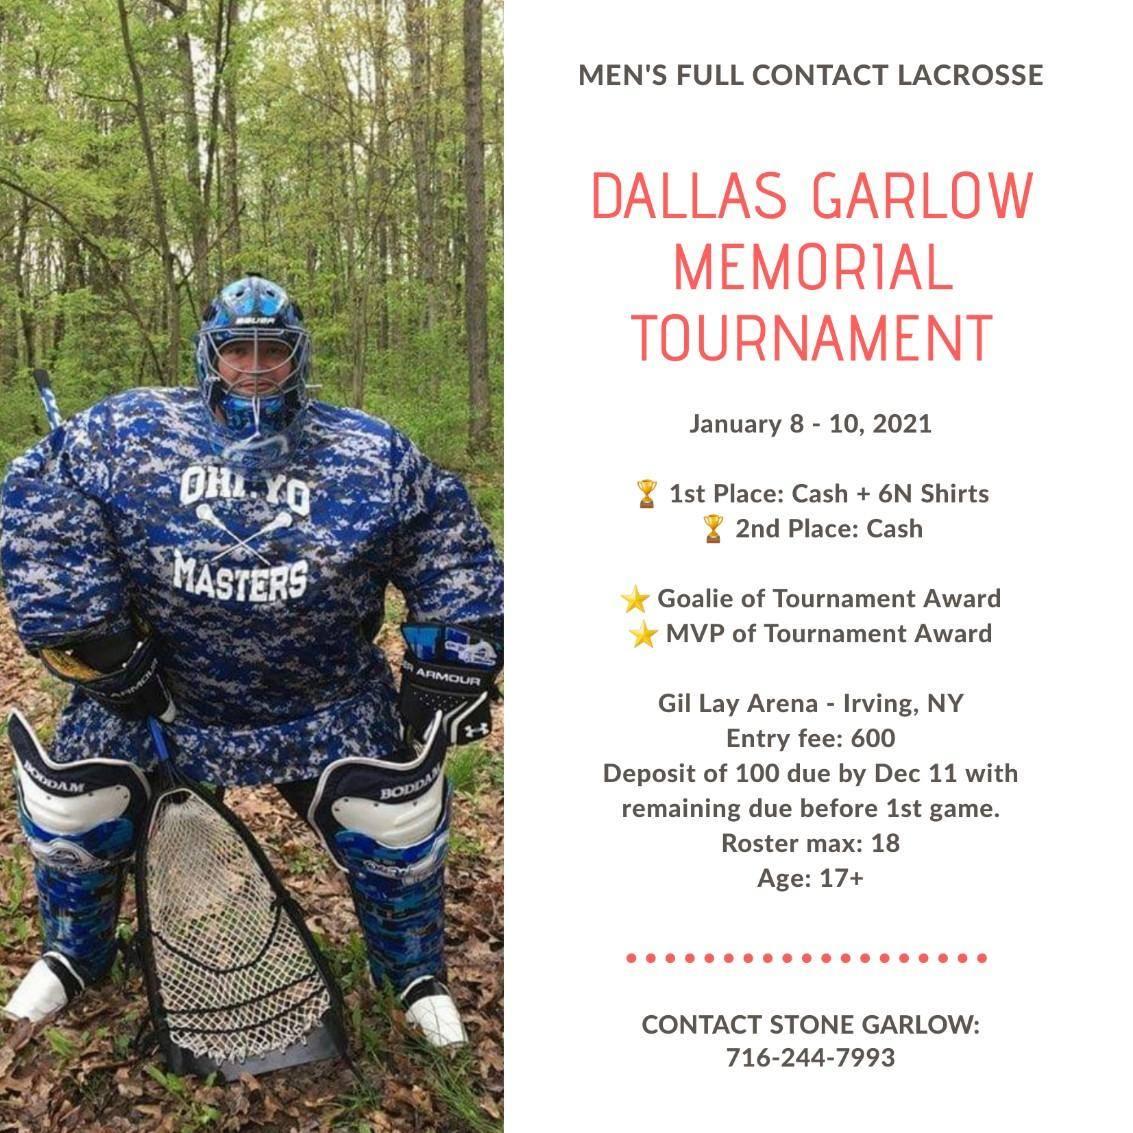 Dallas Garlow Memorial Tournament